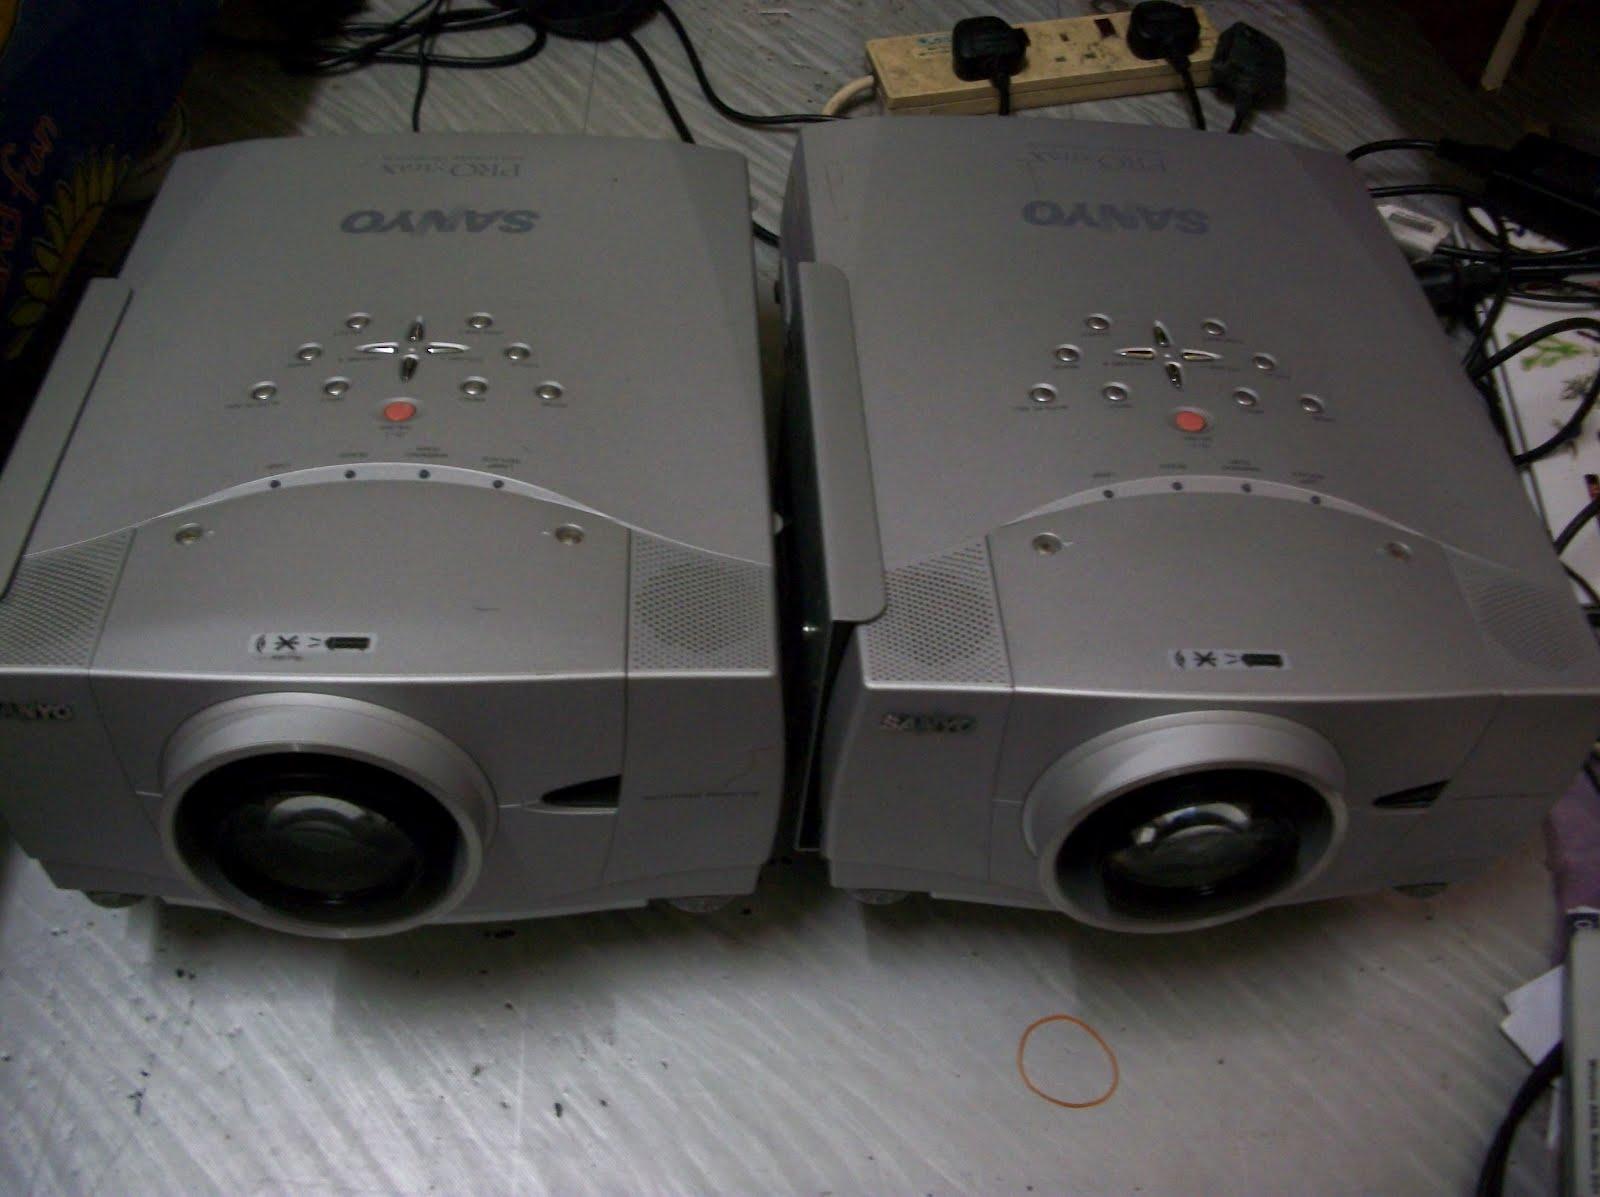 hospital electronics tv repairing and sparepart  repair n